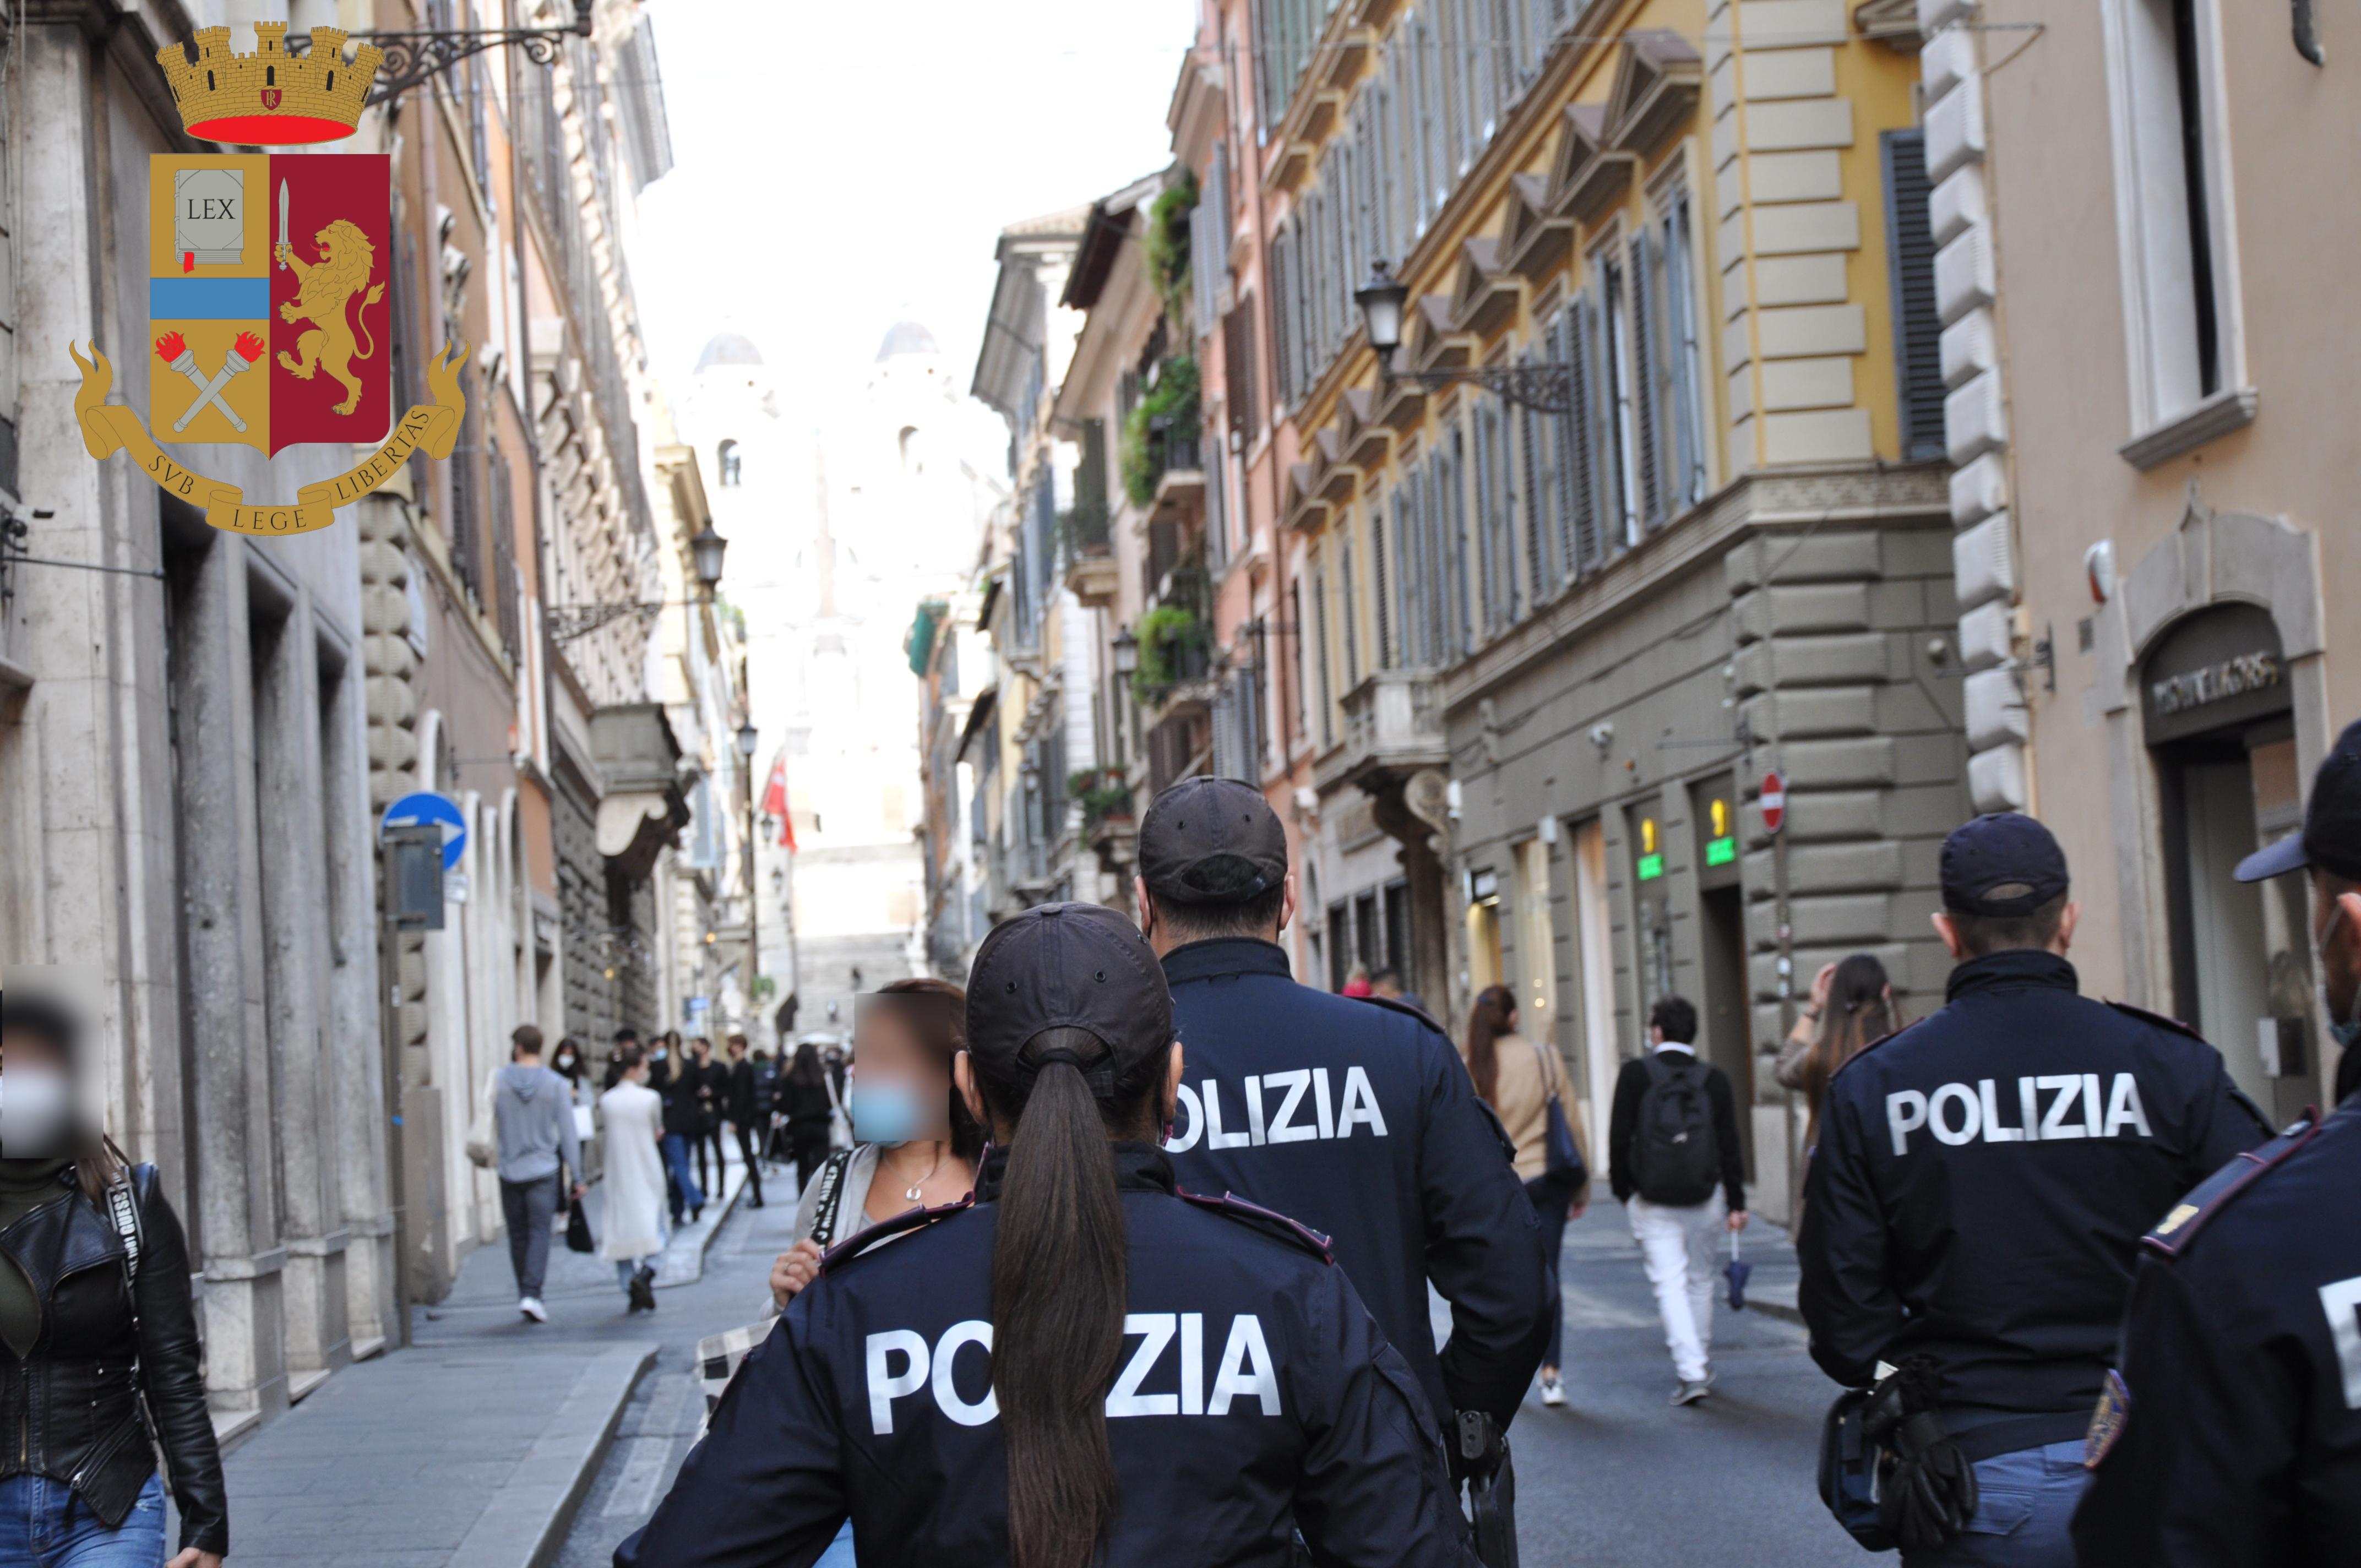 Polizia Di Stato Proseguono I Servizi Di Controllo Per Il Contrasto Alla Diffusione Del Covid 9 Da Parte Delle Forze Dell Ordine